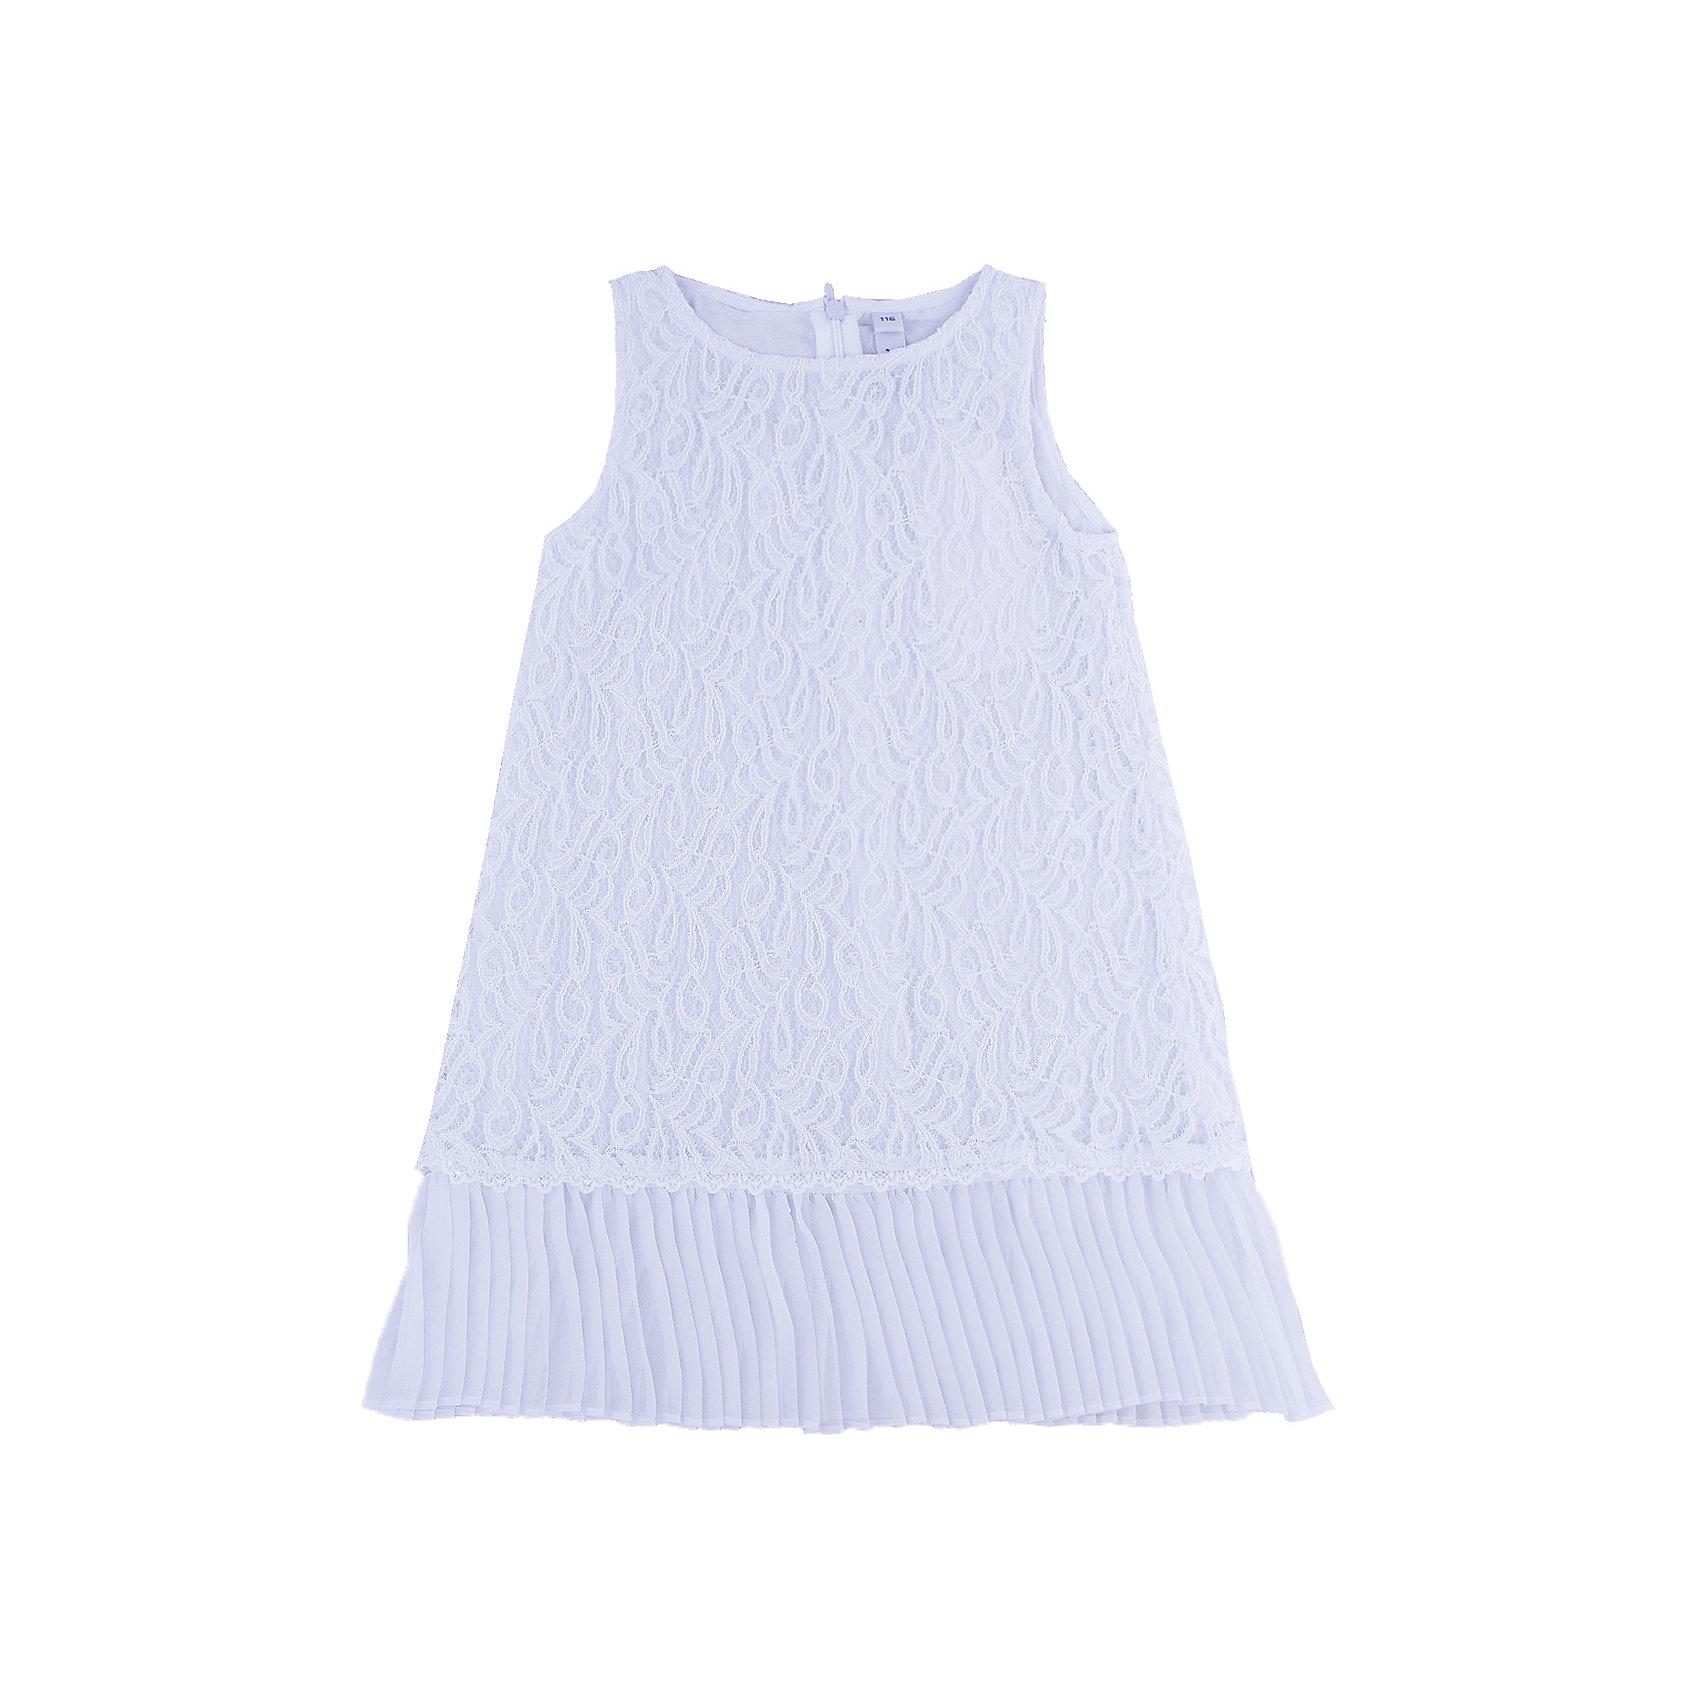 Нарядное платье для девочки PlayTodayПлатье для девочки от известного бренда PlayToday.<br>Платье без рукавов.<br><br>Верх из нежного гипюра, мягкая хлопковая подкладка обеспечивает удобство. По низу плиссированная отделка. Застегивается на потайную молнию сзади.<br>Состав:<br>Верх: 80% хлопок, 20% полиамид; подкладка: 100% хлопок<br><br>Ширина мм: 236<br>Глубина мм: 16<br>Высота мм: 184<br>Вес г: 177<br>Цвет: белый<br>Возраст от месяцев: 72<br>Возраст до месяцев: 84<br>Пол: Женский<br>Возраст: Детский<br>Размер: 122,104,128,110,116,98<br>SKU: 5113869